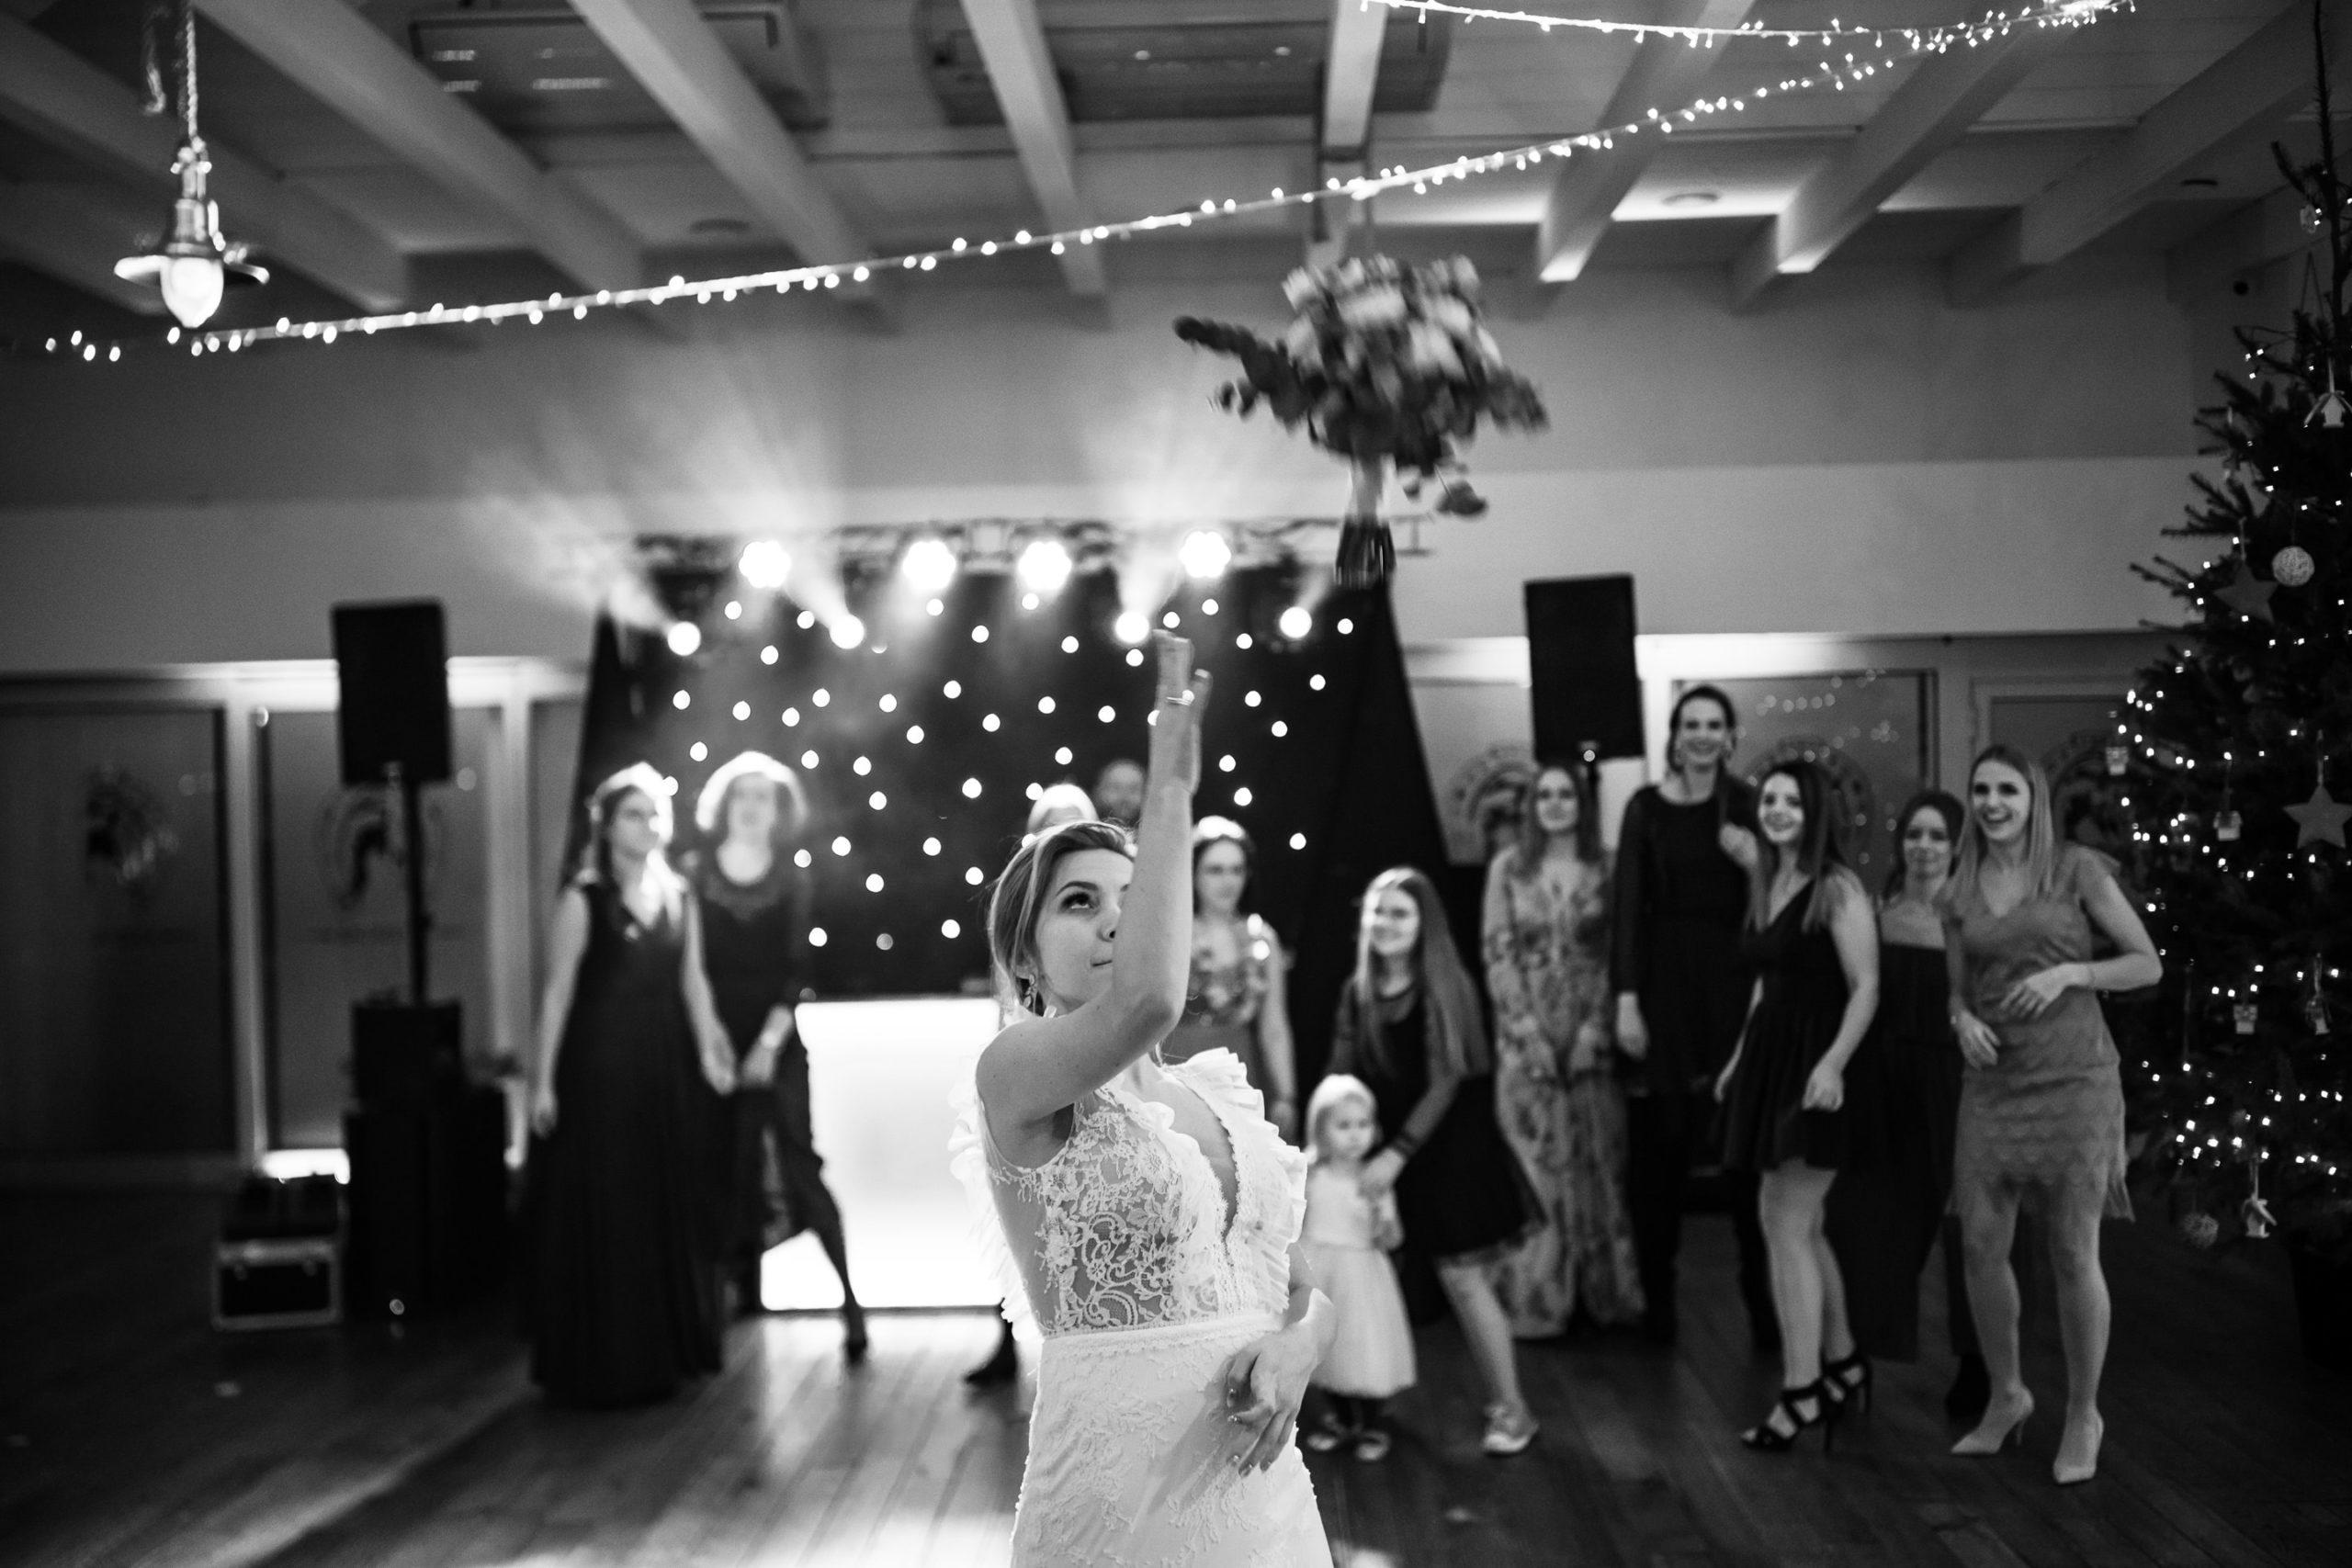 Rzut bukietem przez Panią Młodą na weselu